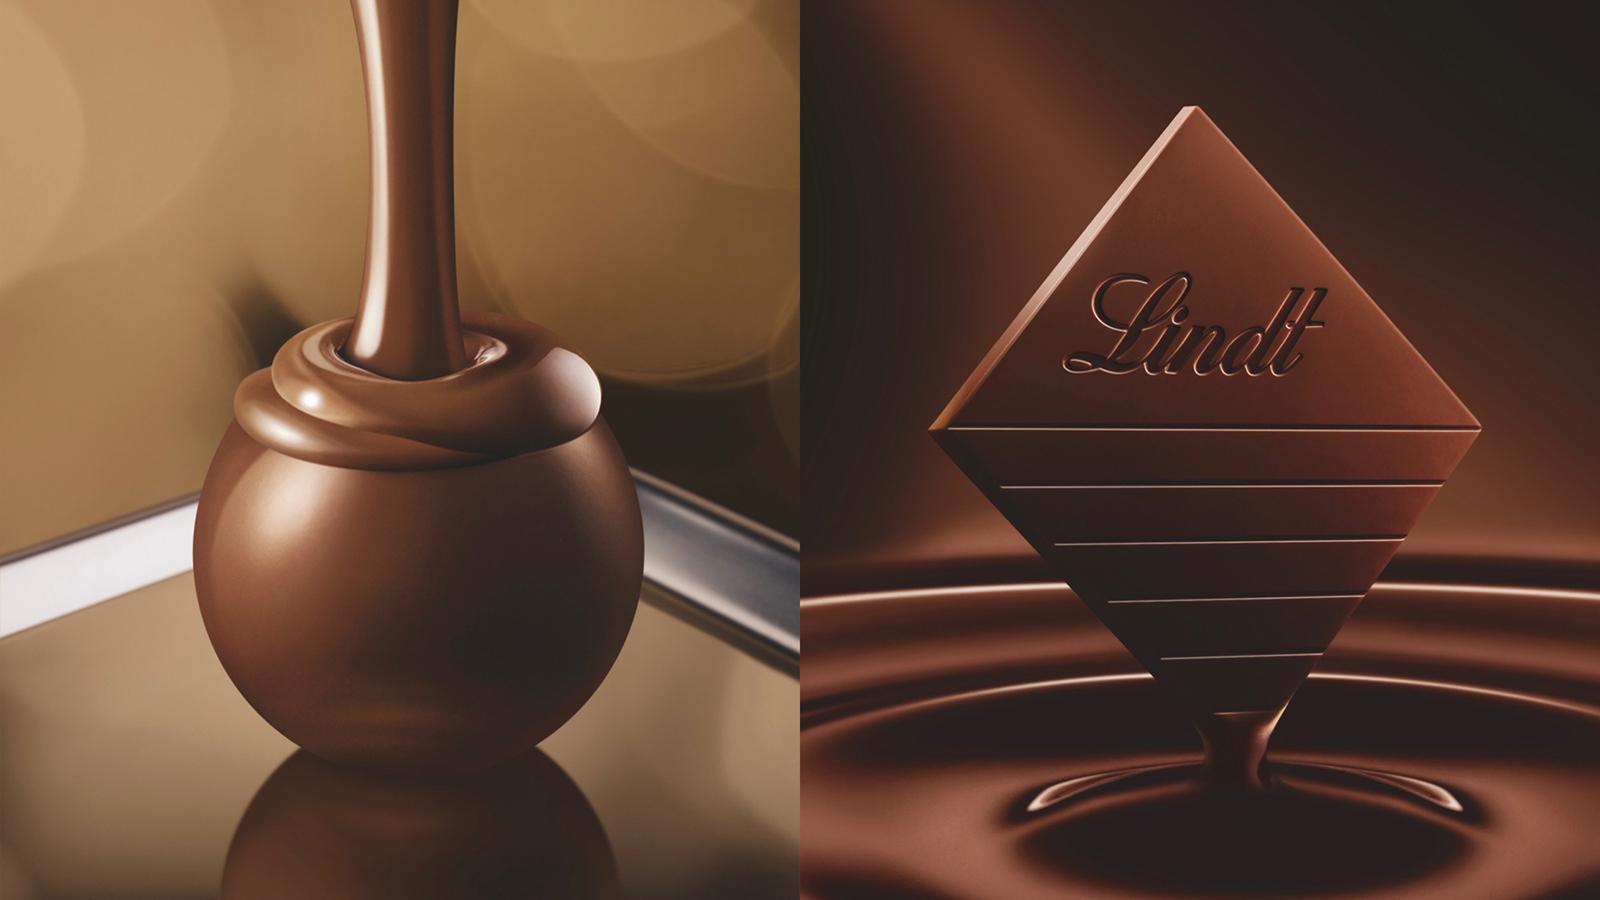 プレミアムチョコレートブランド「リンツ」、世界初の新フラッグシップが東京・表参道にグランドオープン